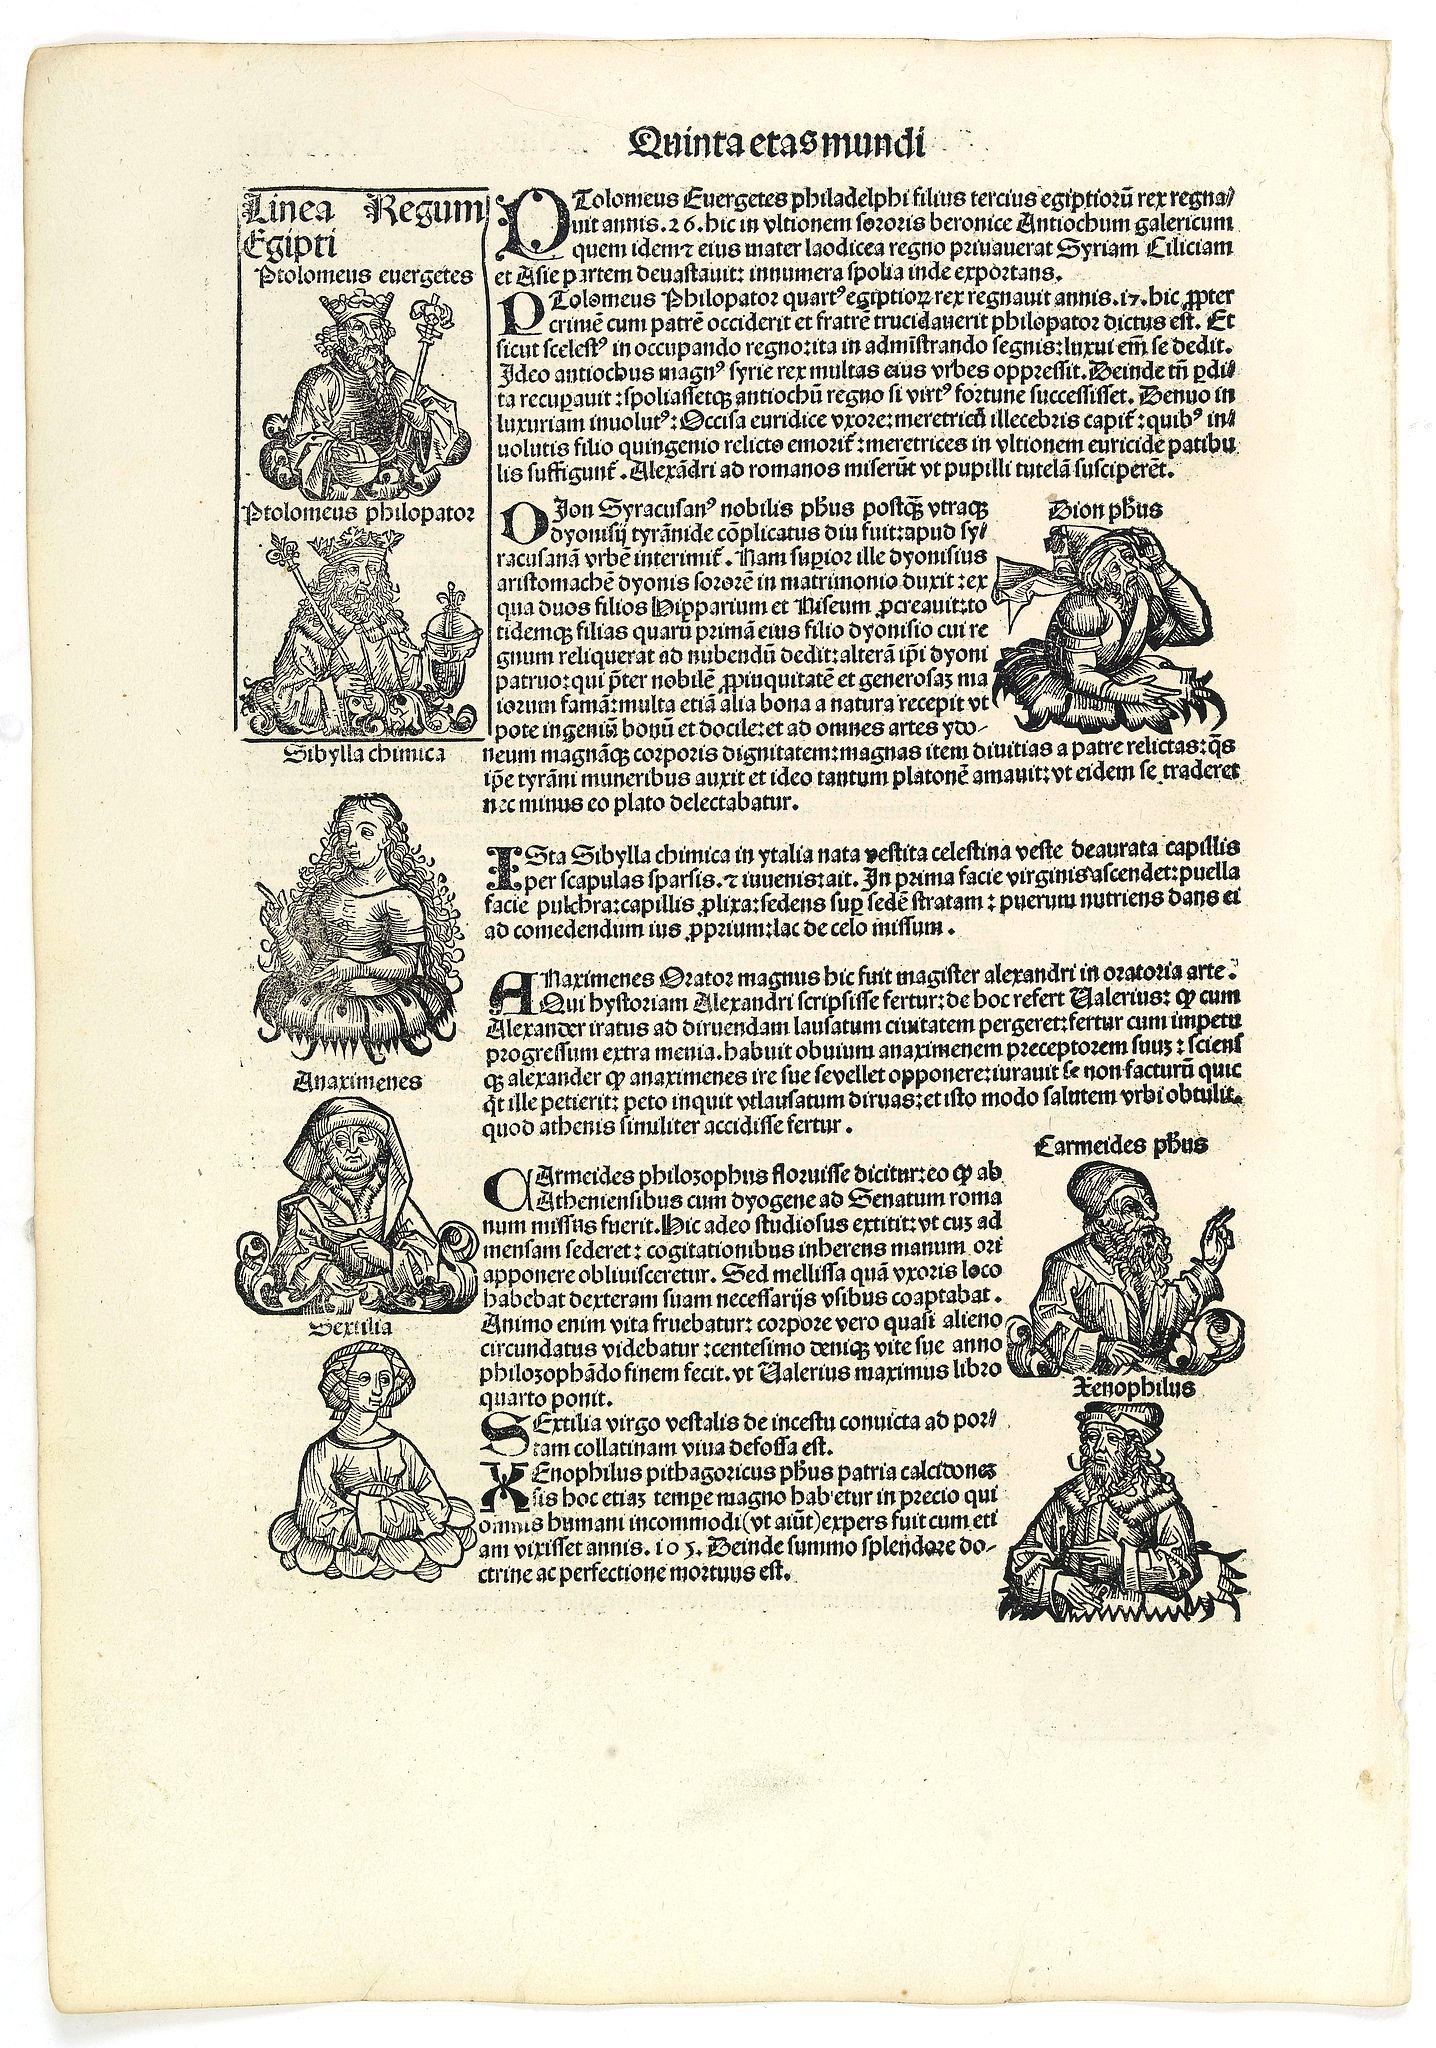 SCHEDEL, H. -  Quinta Etas Mundi. Folium.LXXVIII